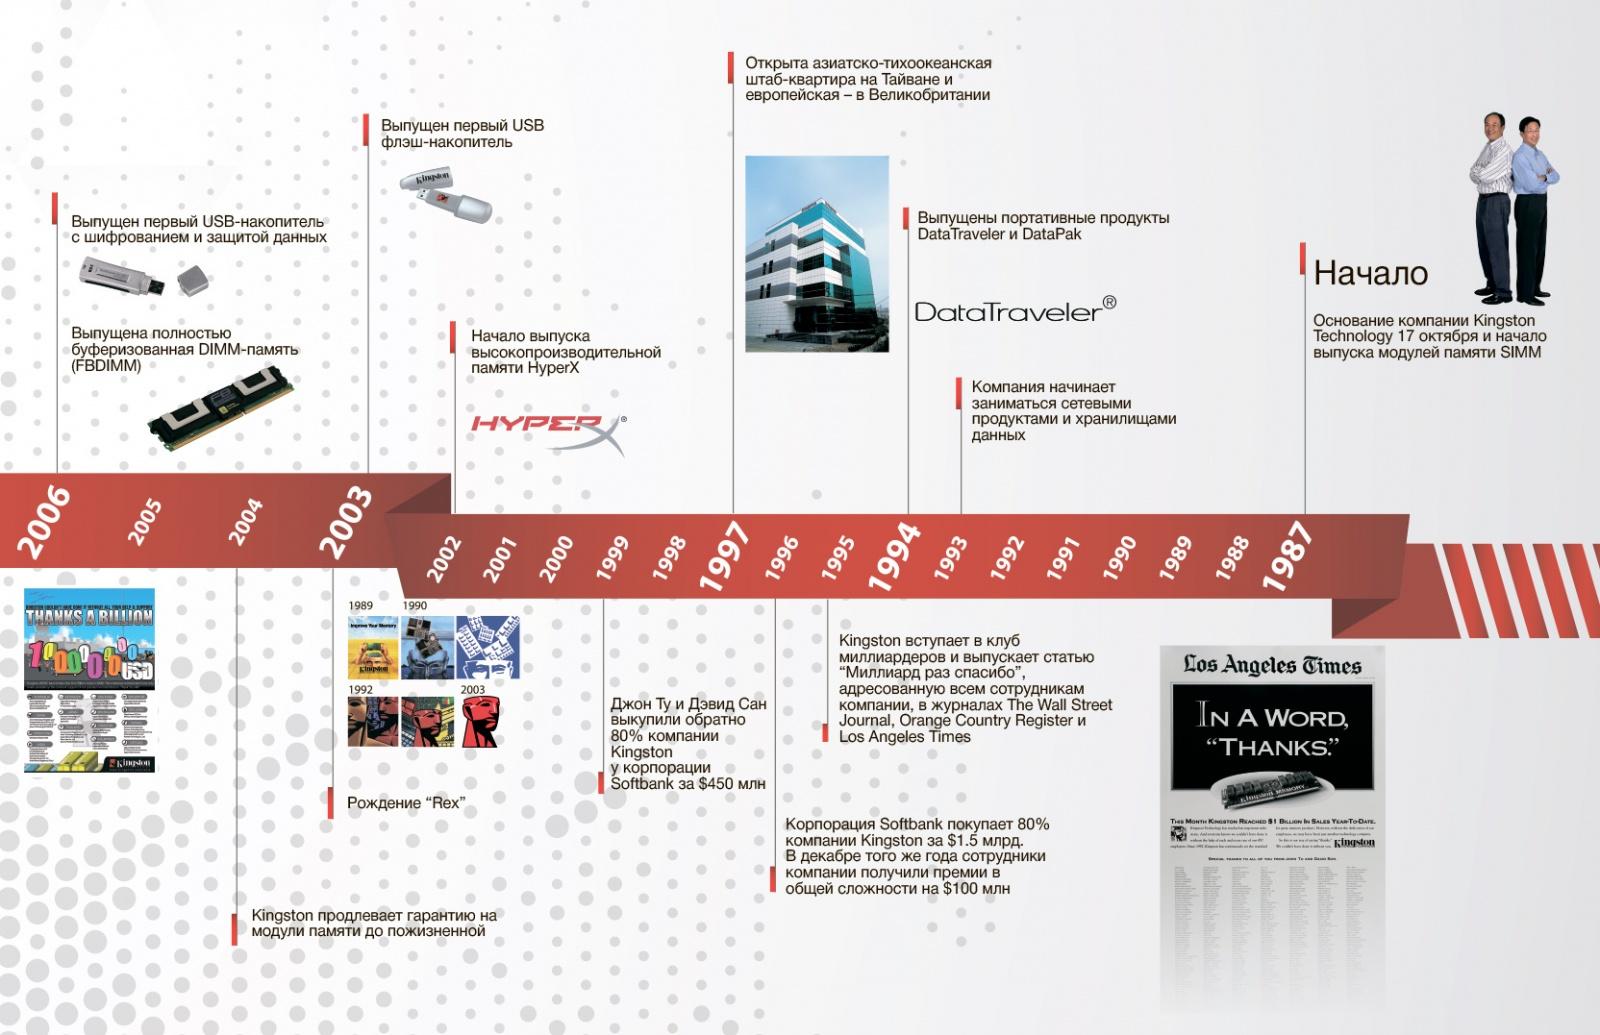 Kingston отмечает 30-летие. И представляет несколько новинок на выставке Computex 2017 - 5